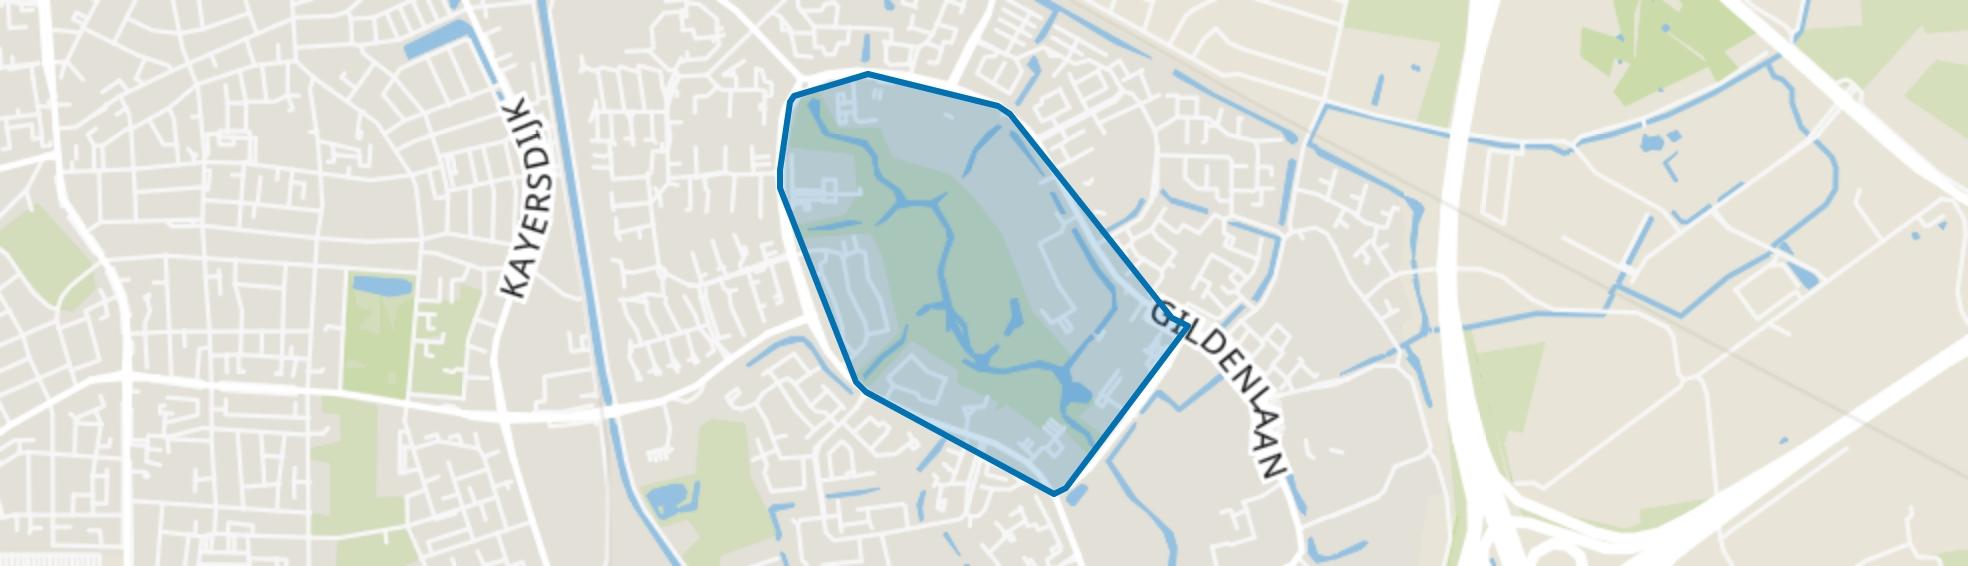 Matengaarde, Apeldoorn map